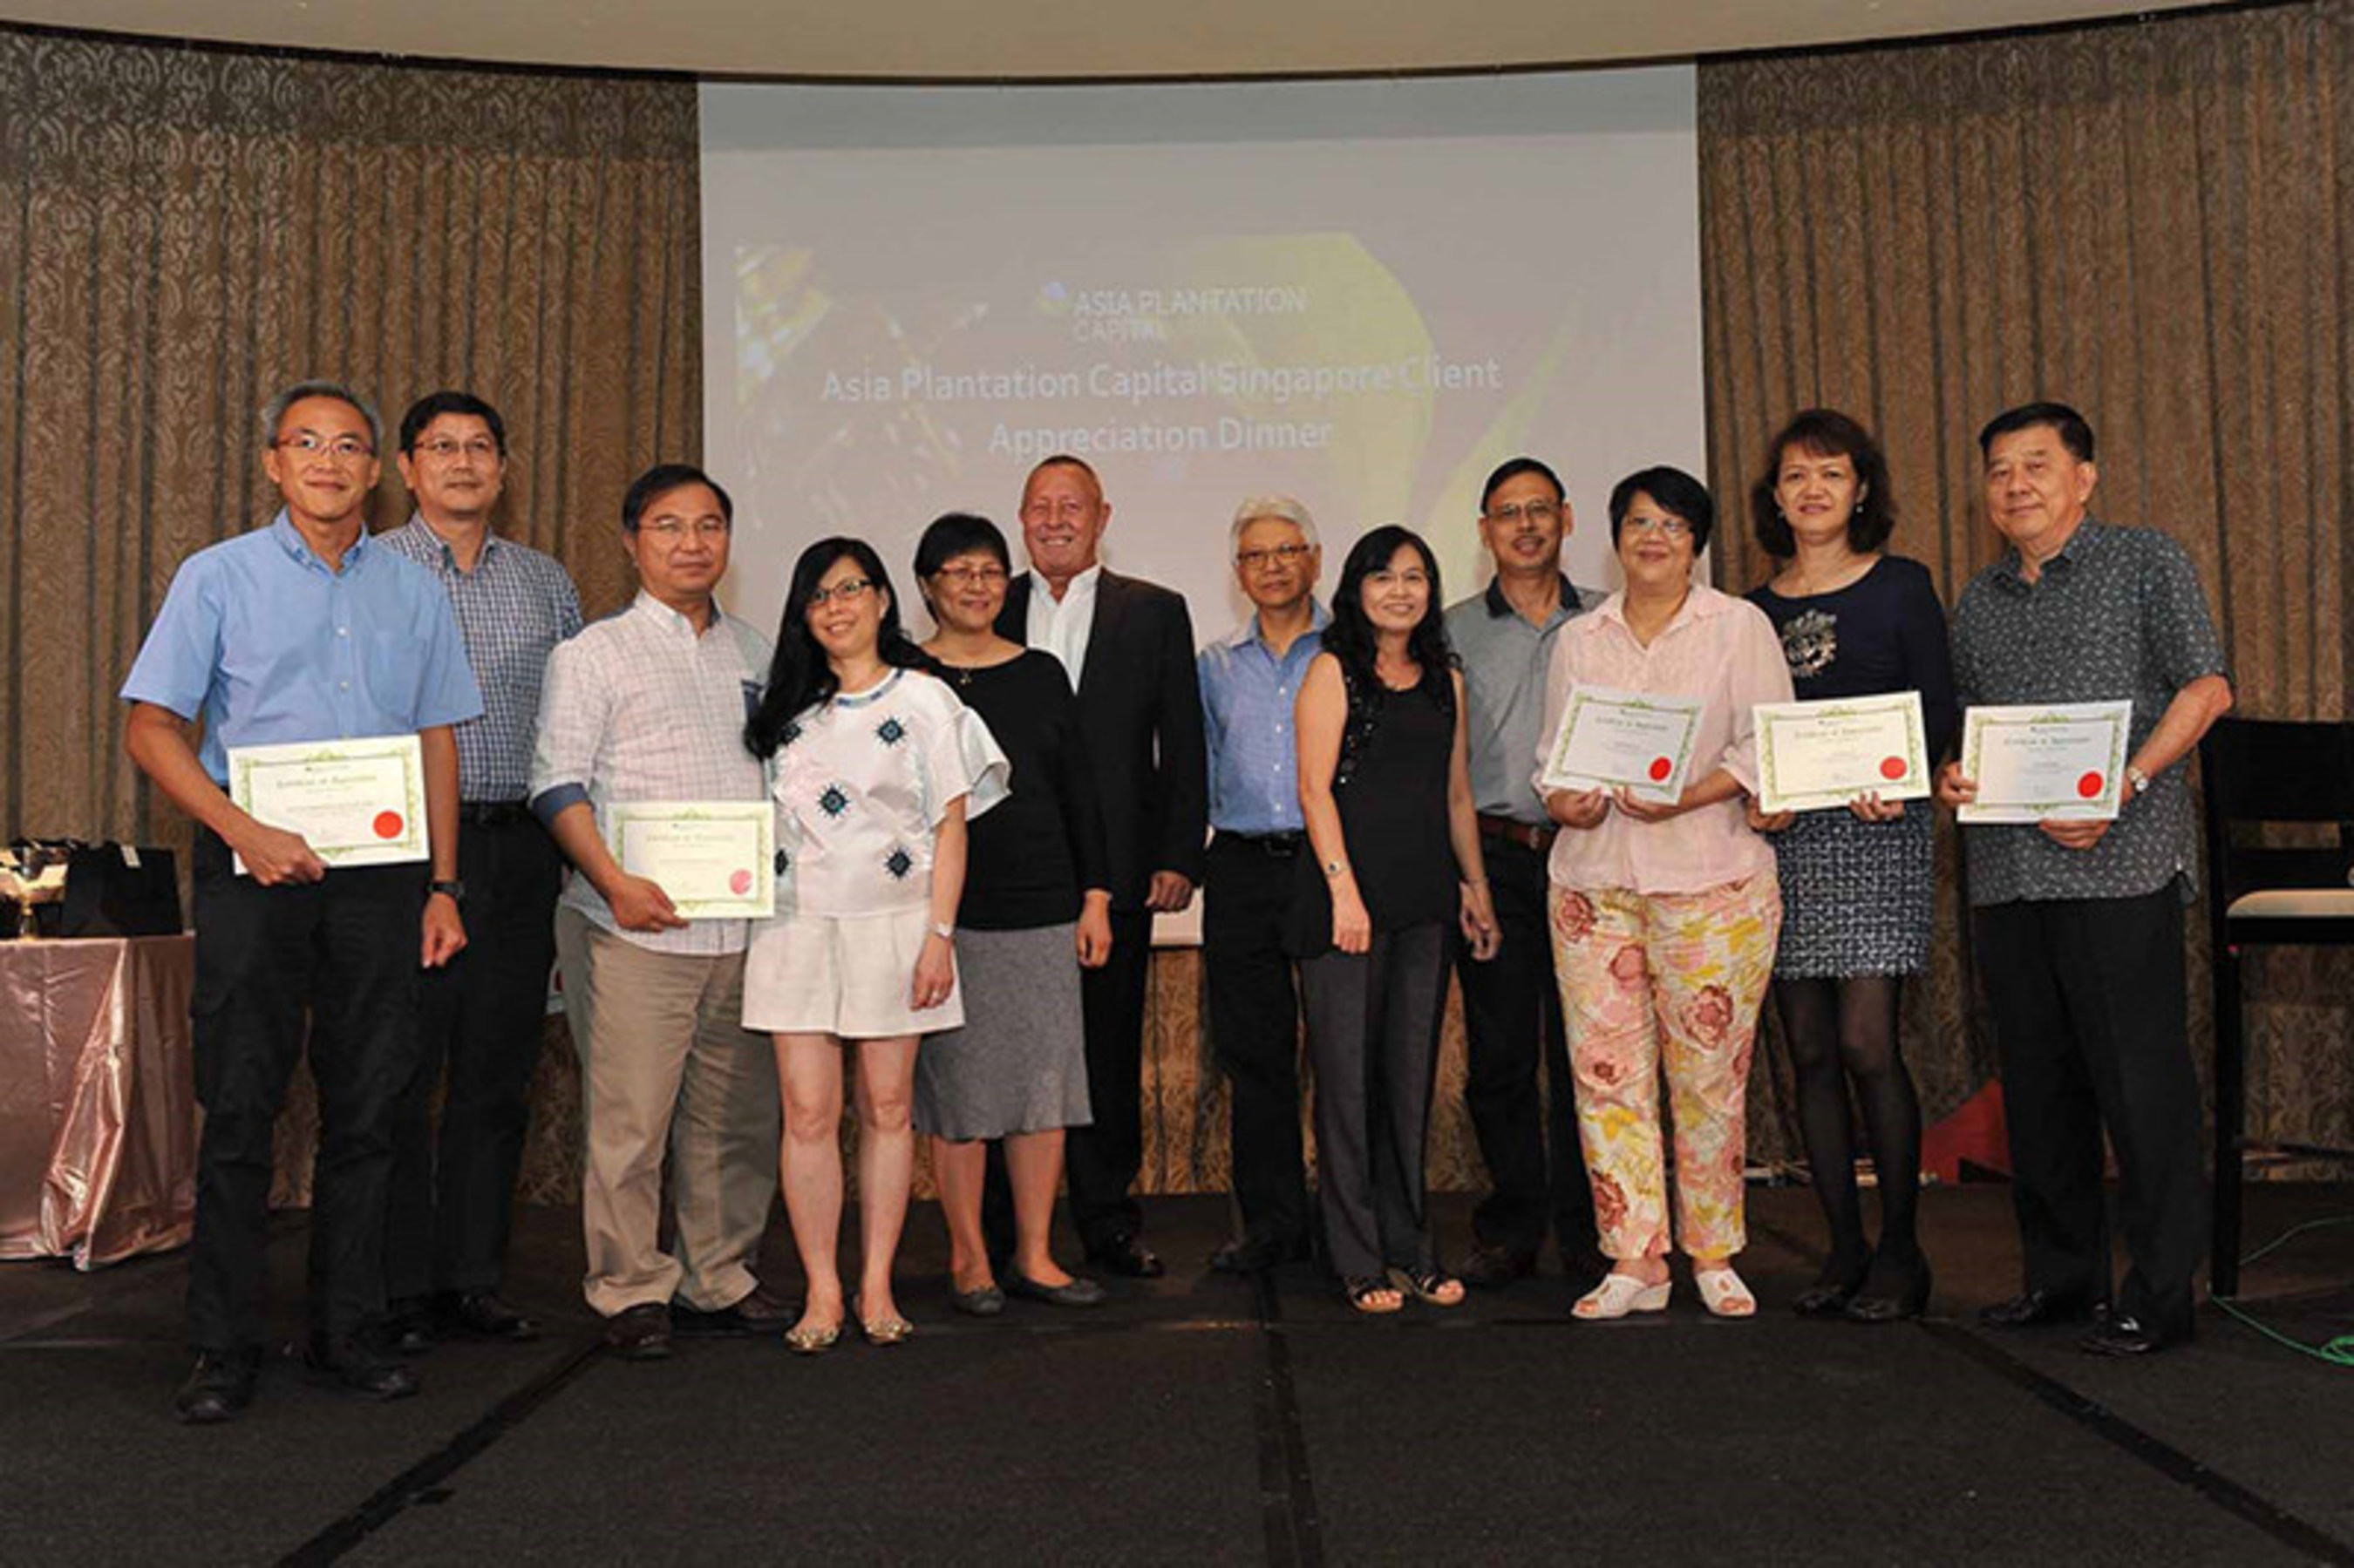 Asia Plantation Capital feiert mit Singapurs Pionierkunden der Adlerholz-Plantagen